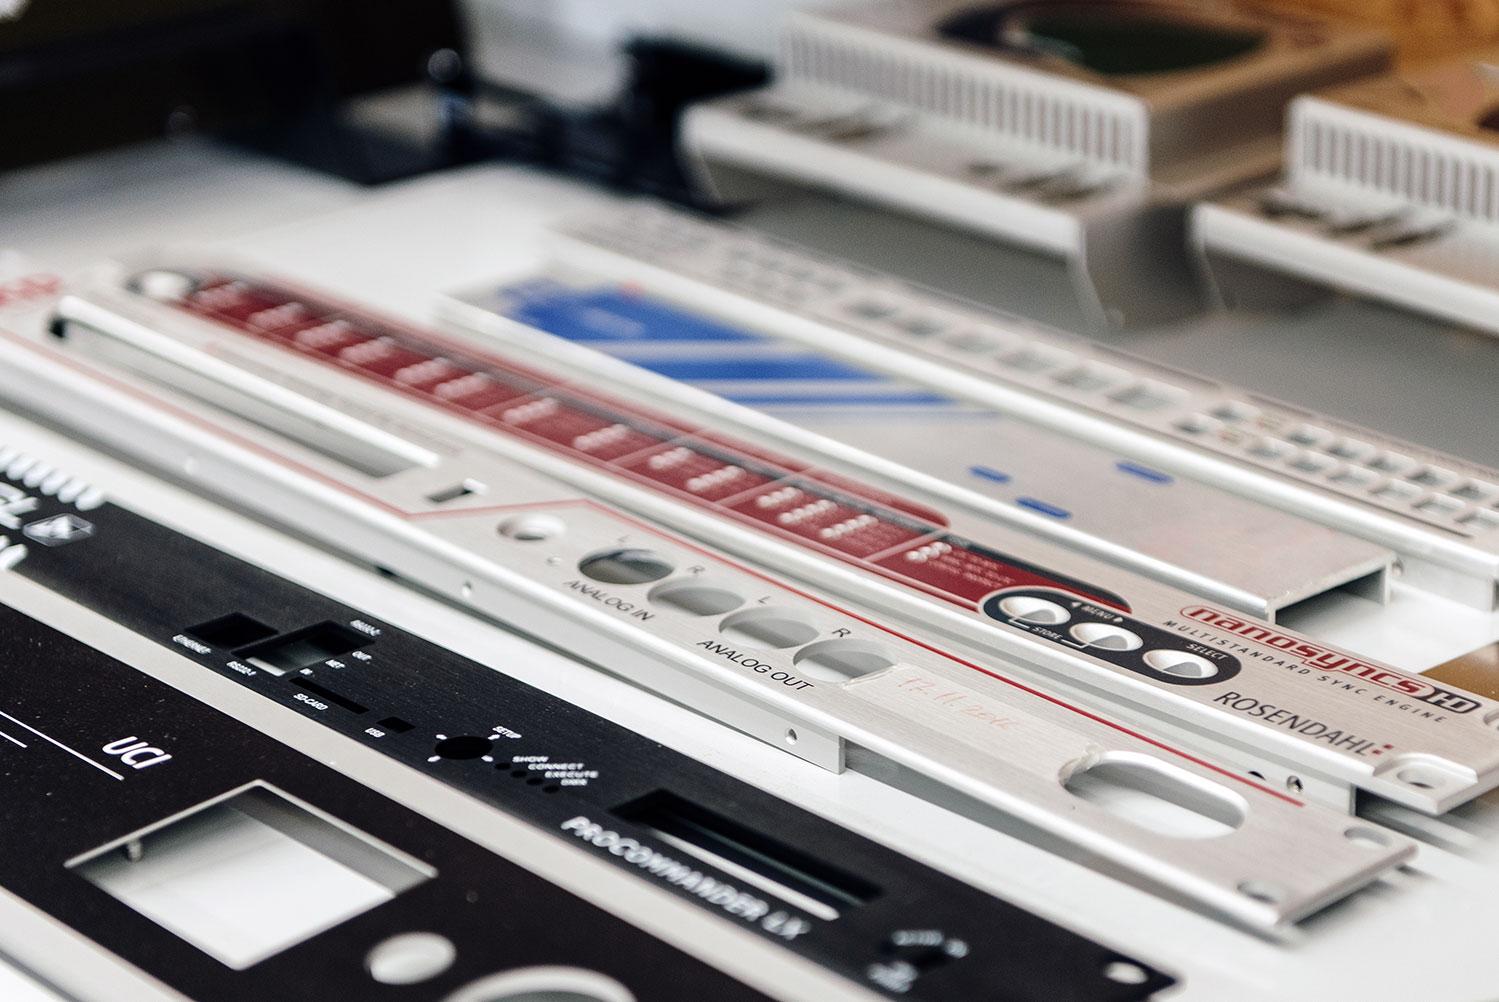 Mit mehrfarbigen Drucken bedruckte Frontplatten aus Metall auf einem Tisch